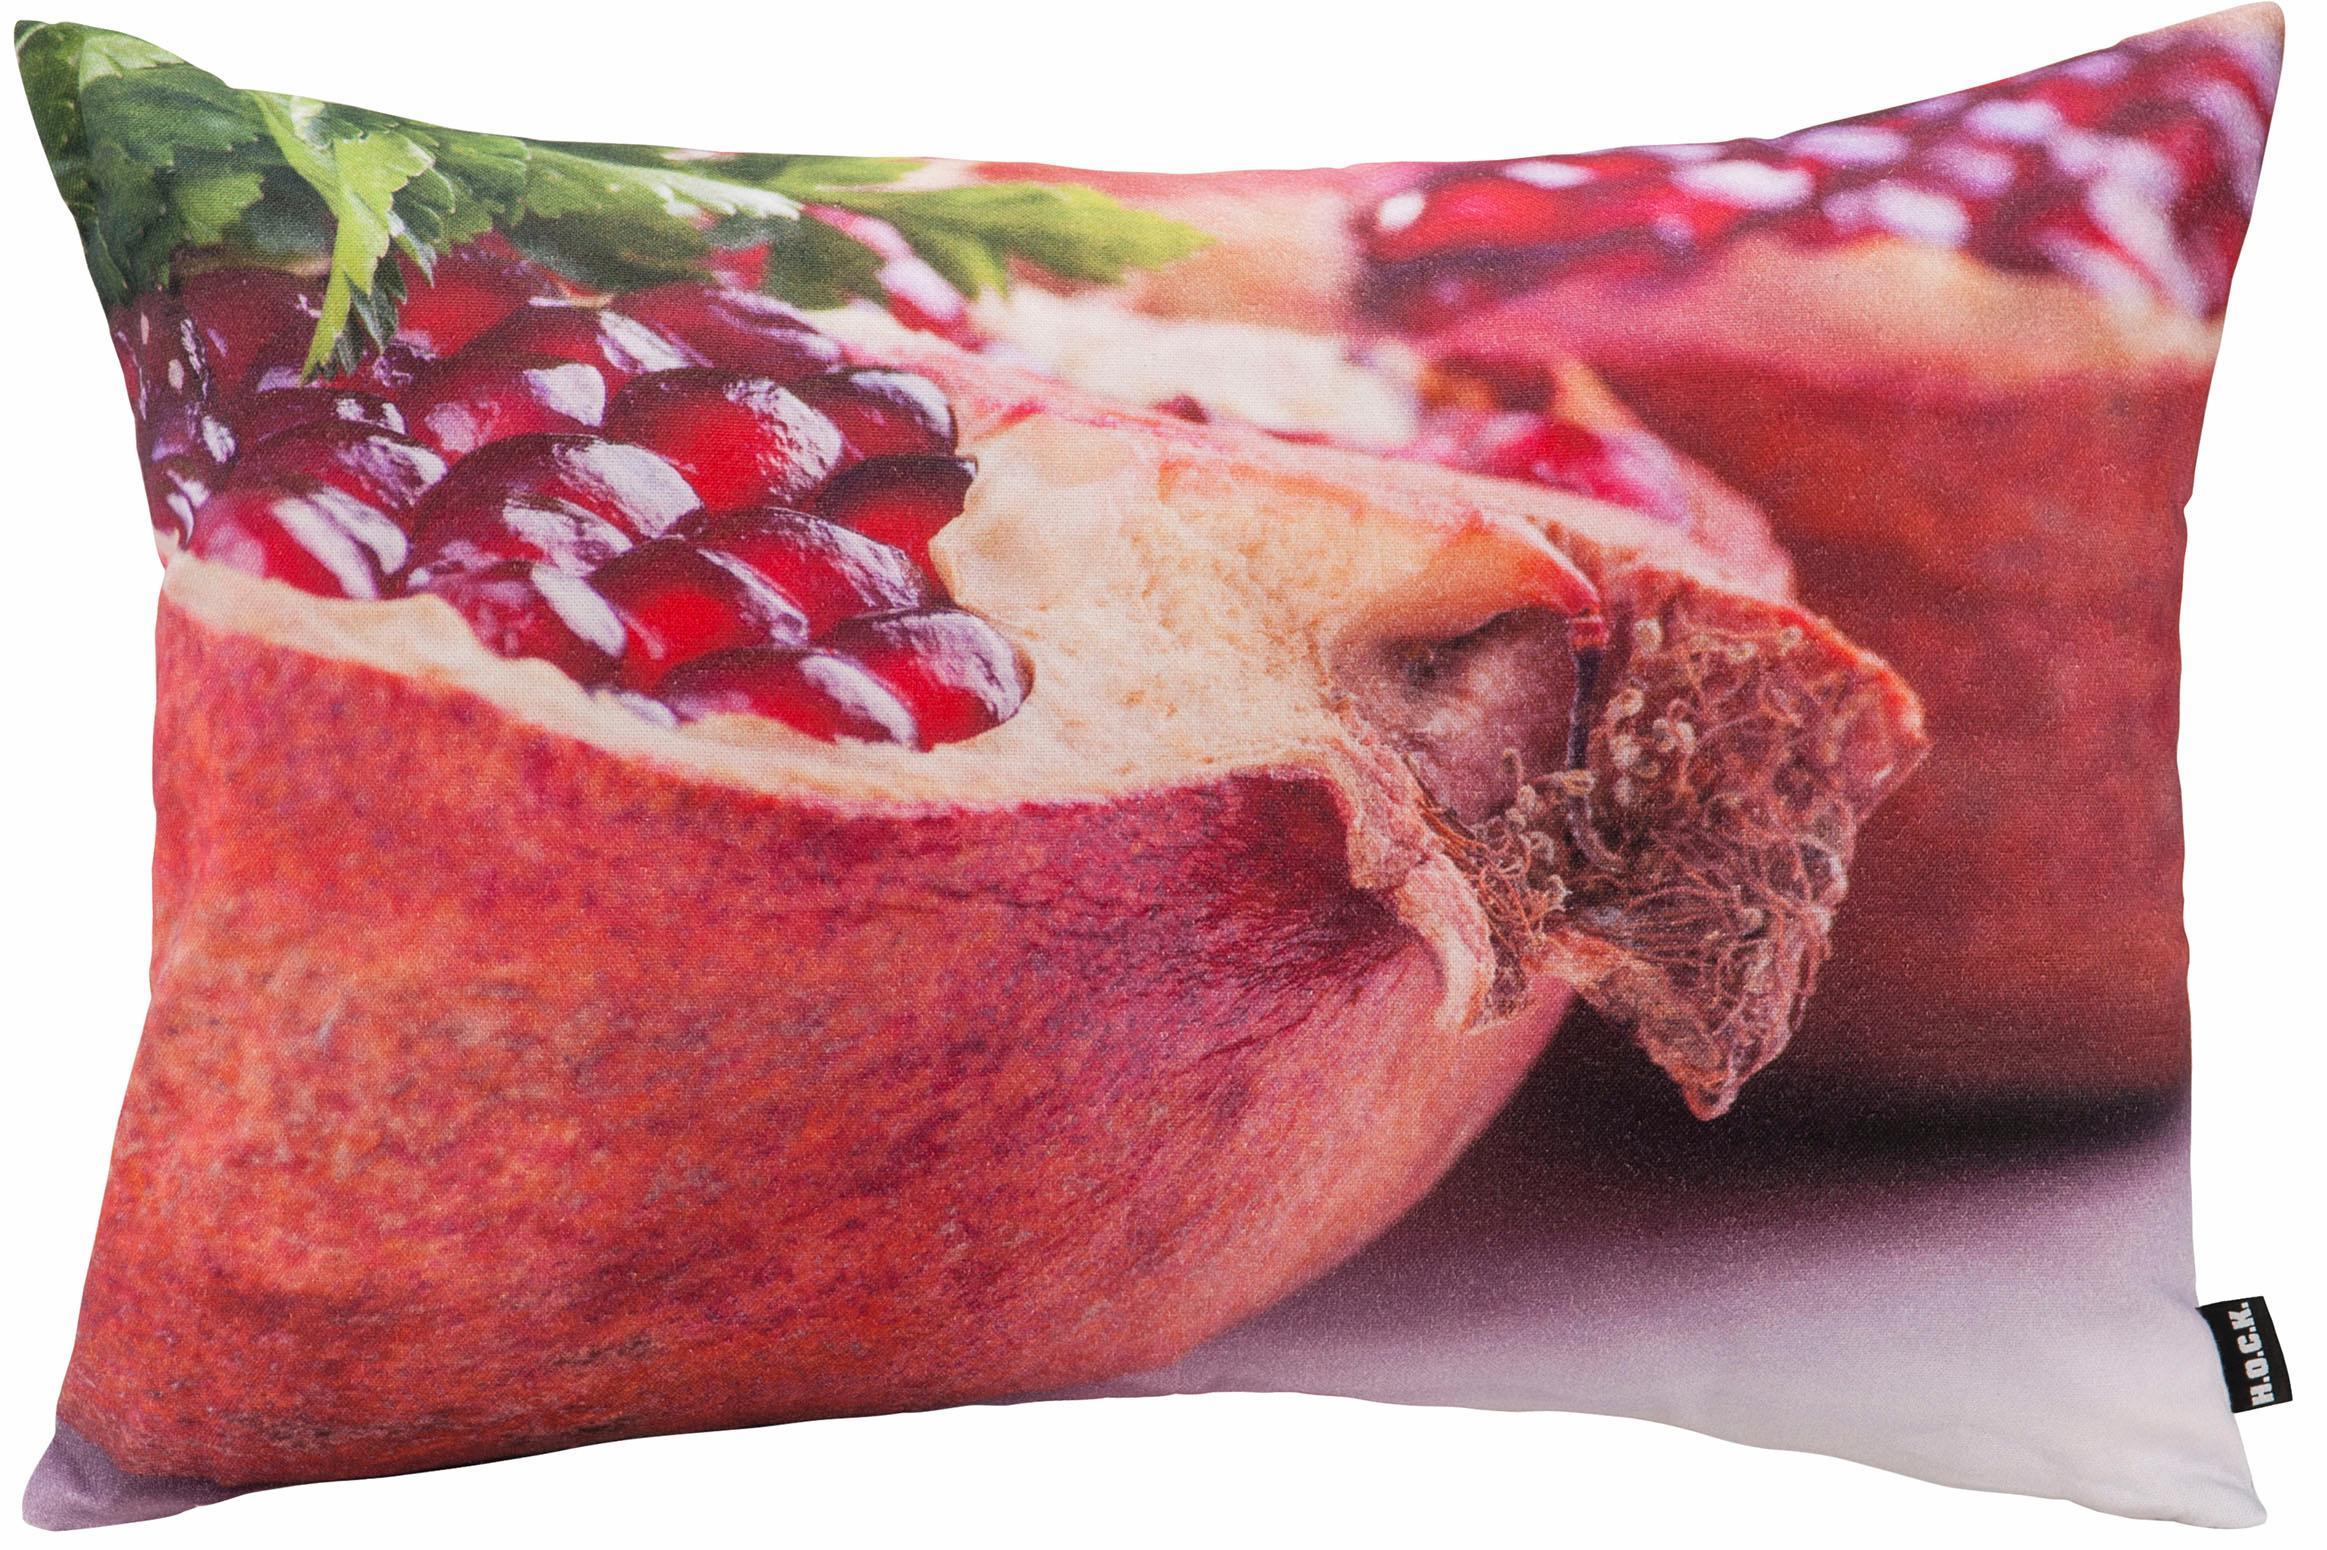 H.o.c.k. Kissen mit Granatapfelmotiv